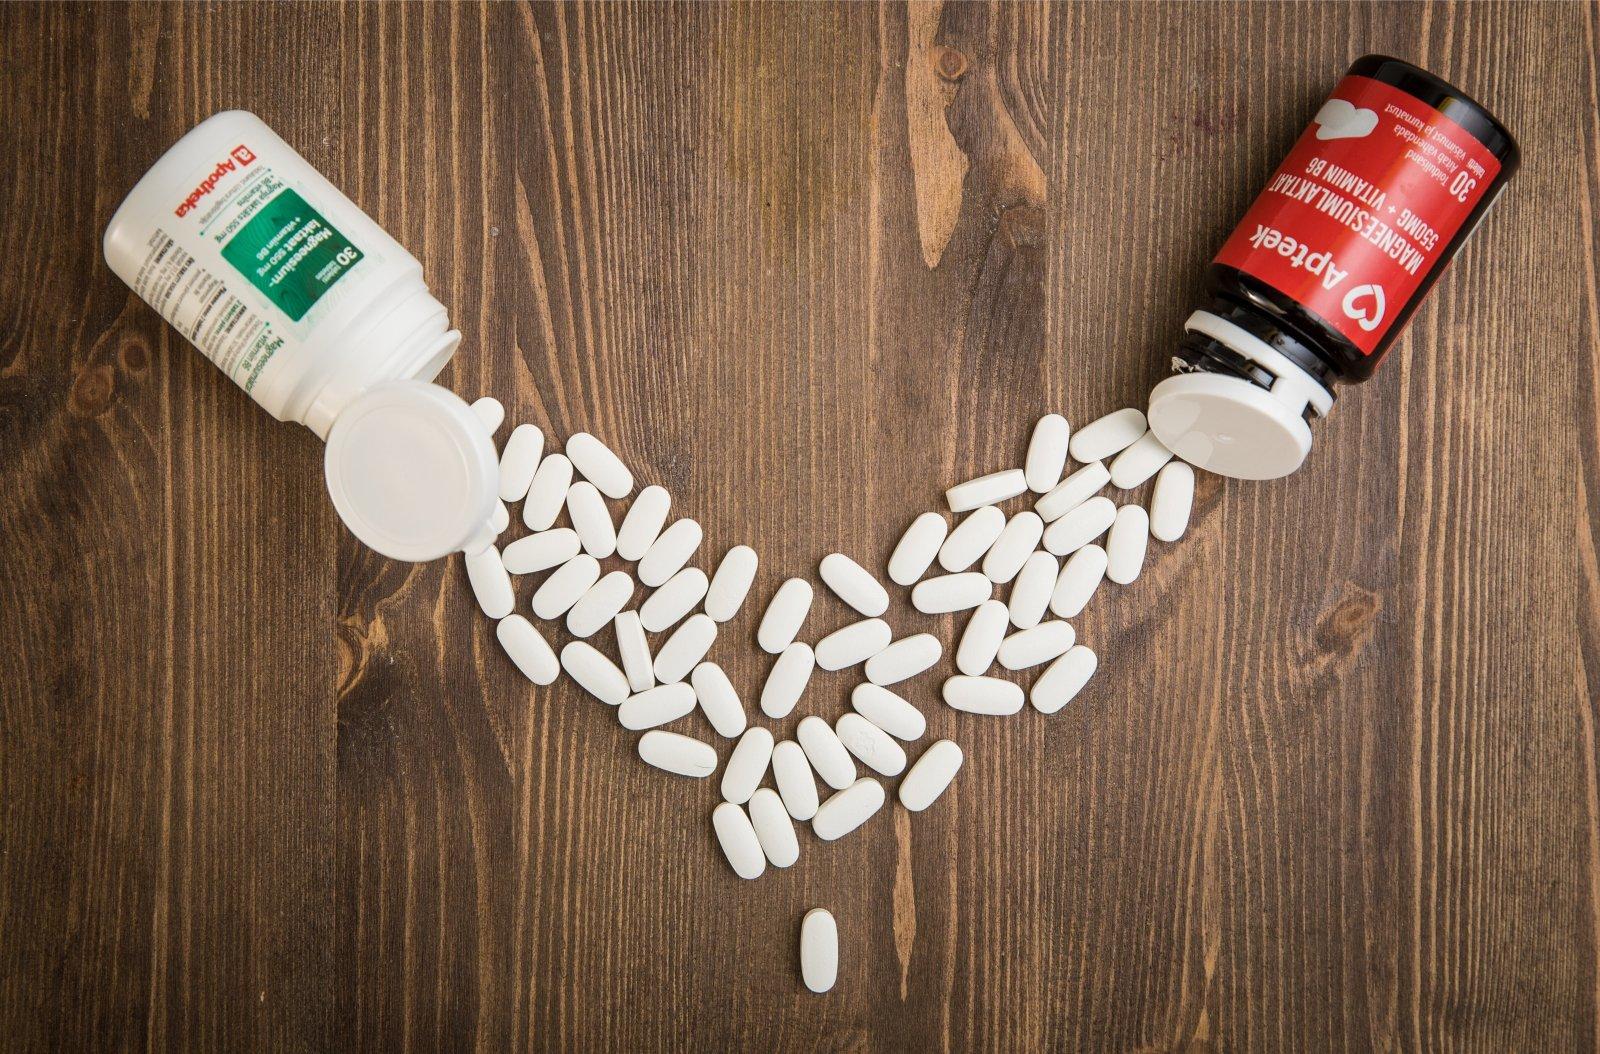 Apteekrid soovitavad kodus hoida kahe nädala jagu ravimivaru: